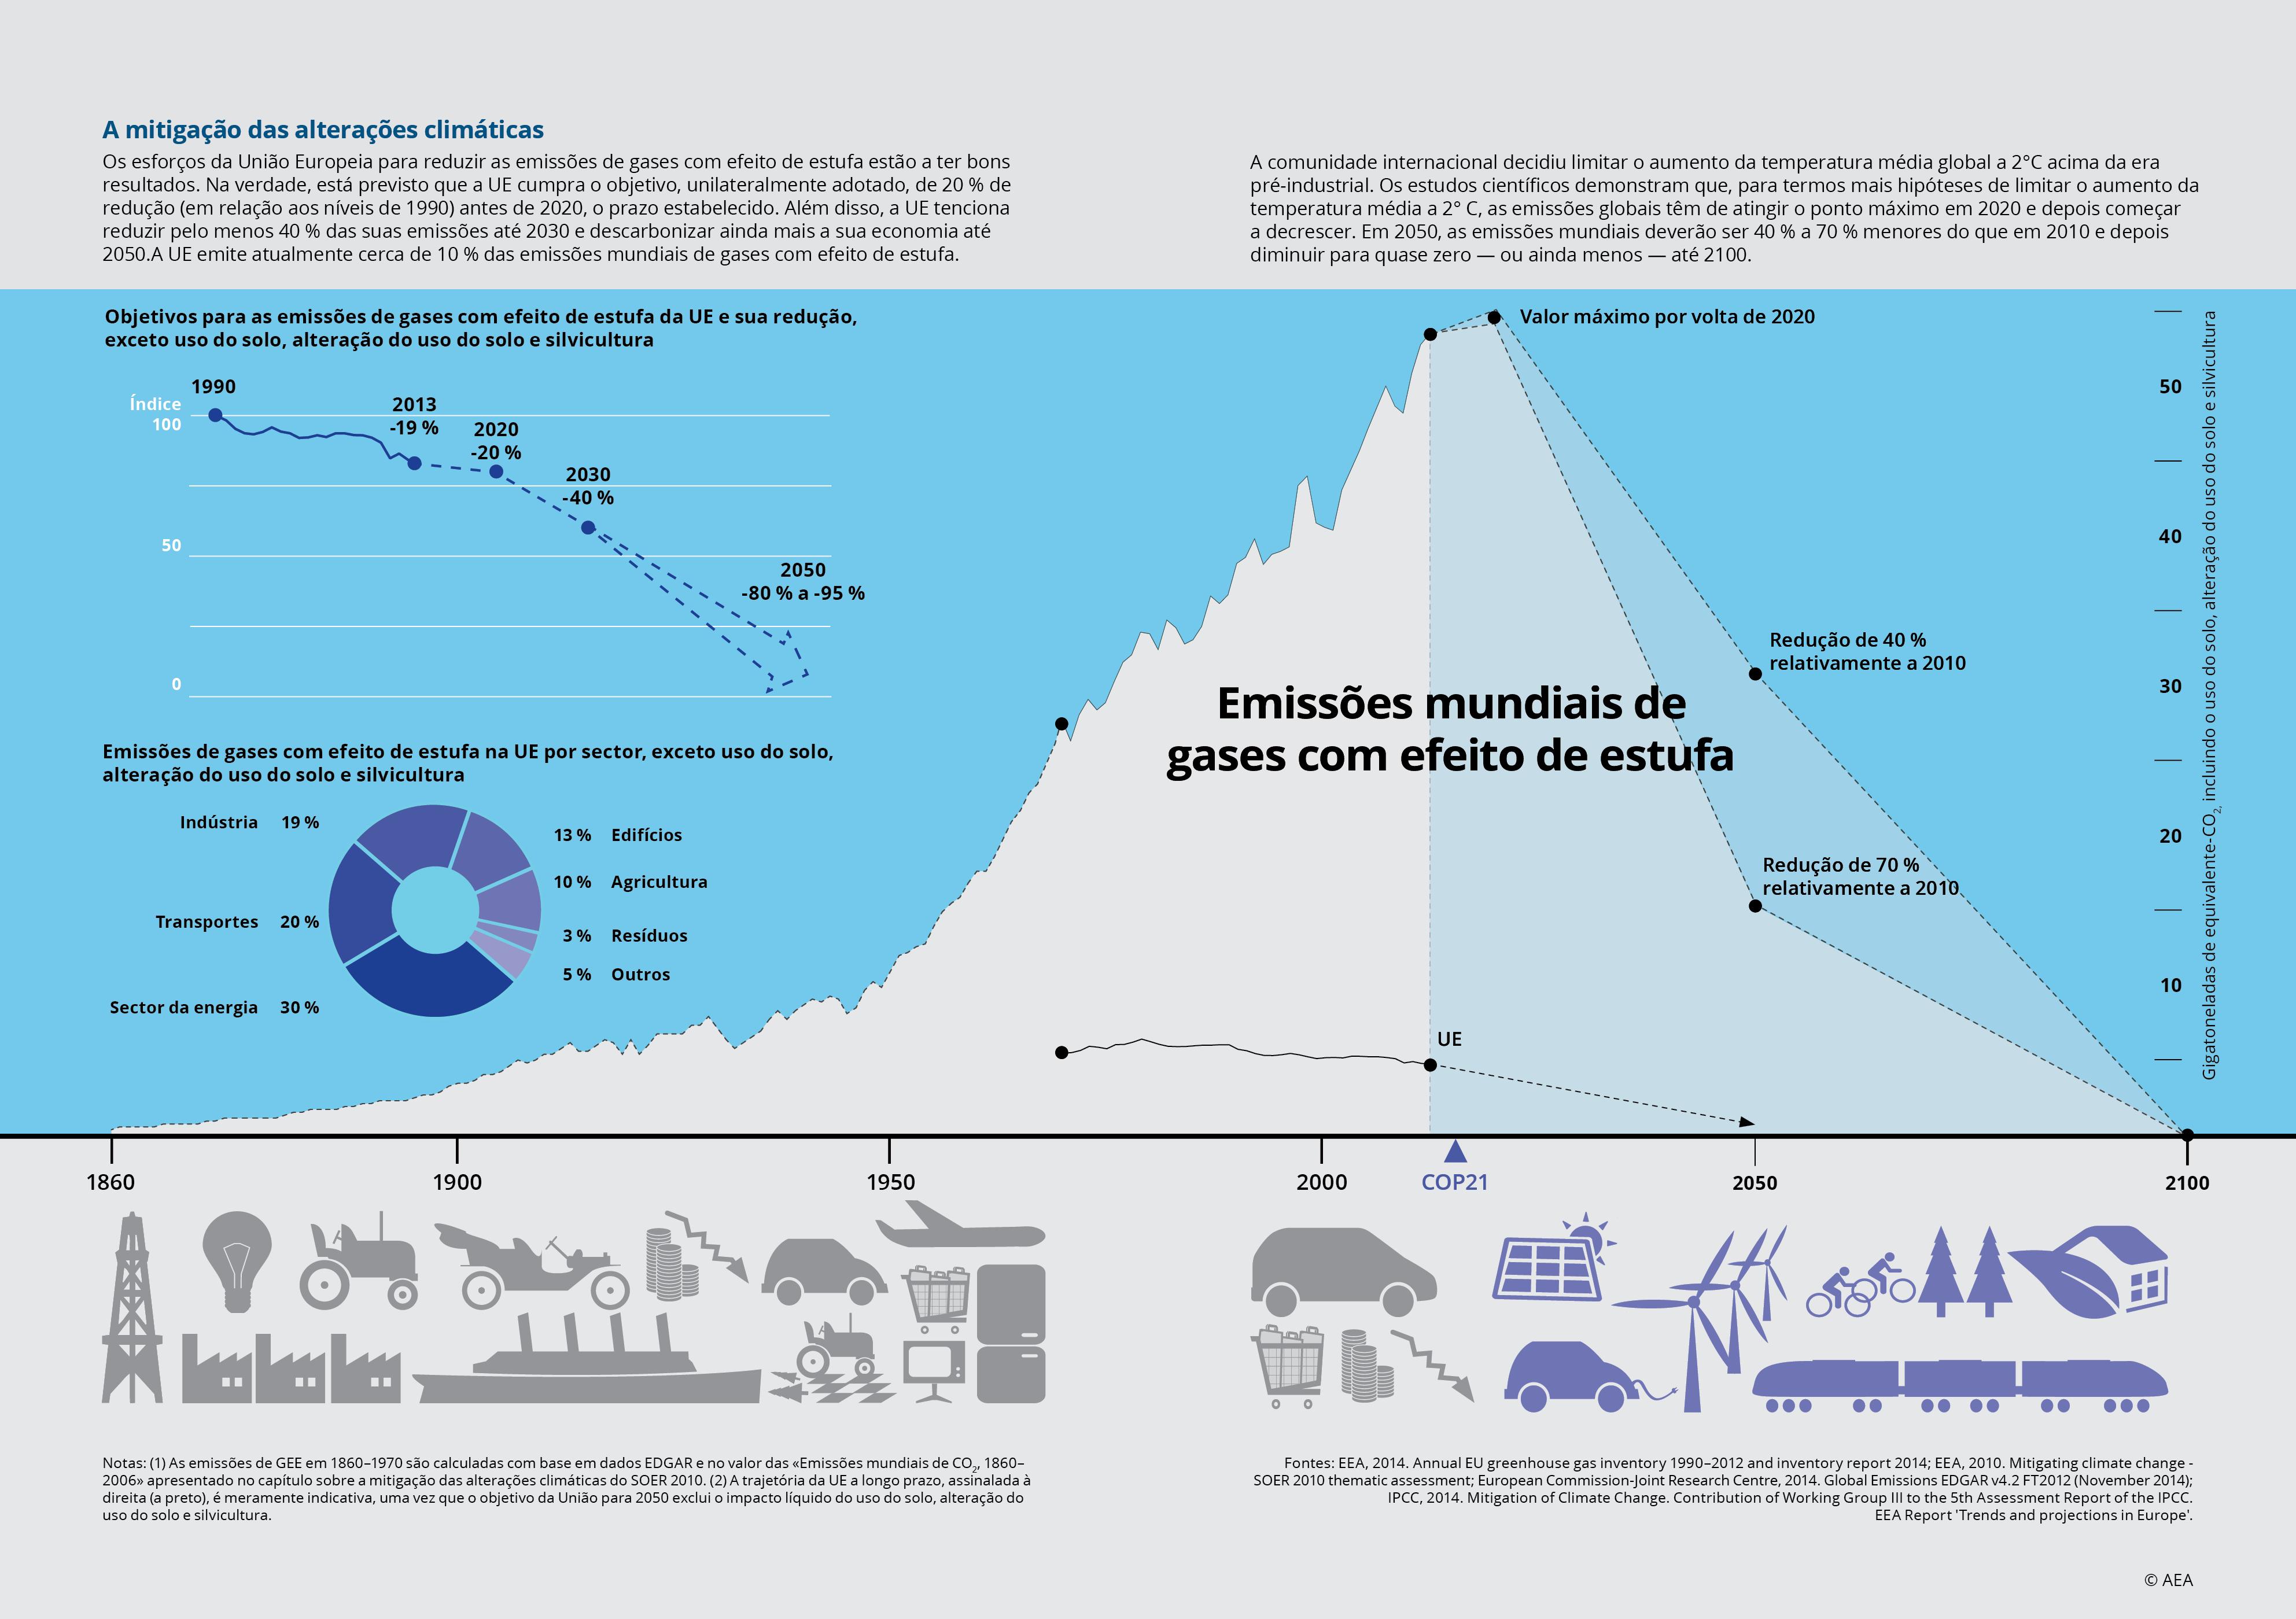 A mitigação das alterações climáticas